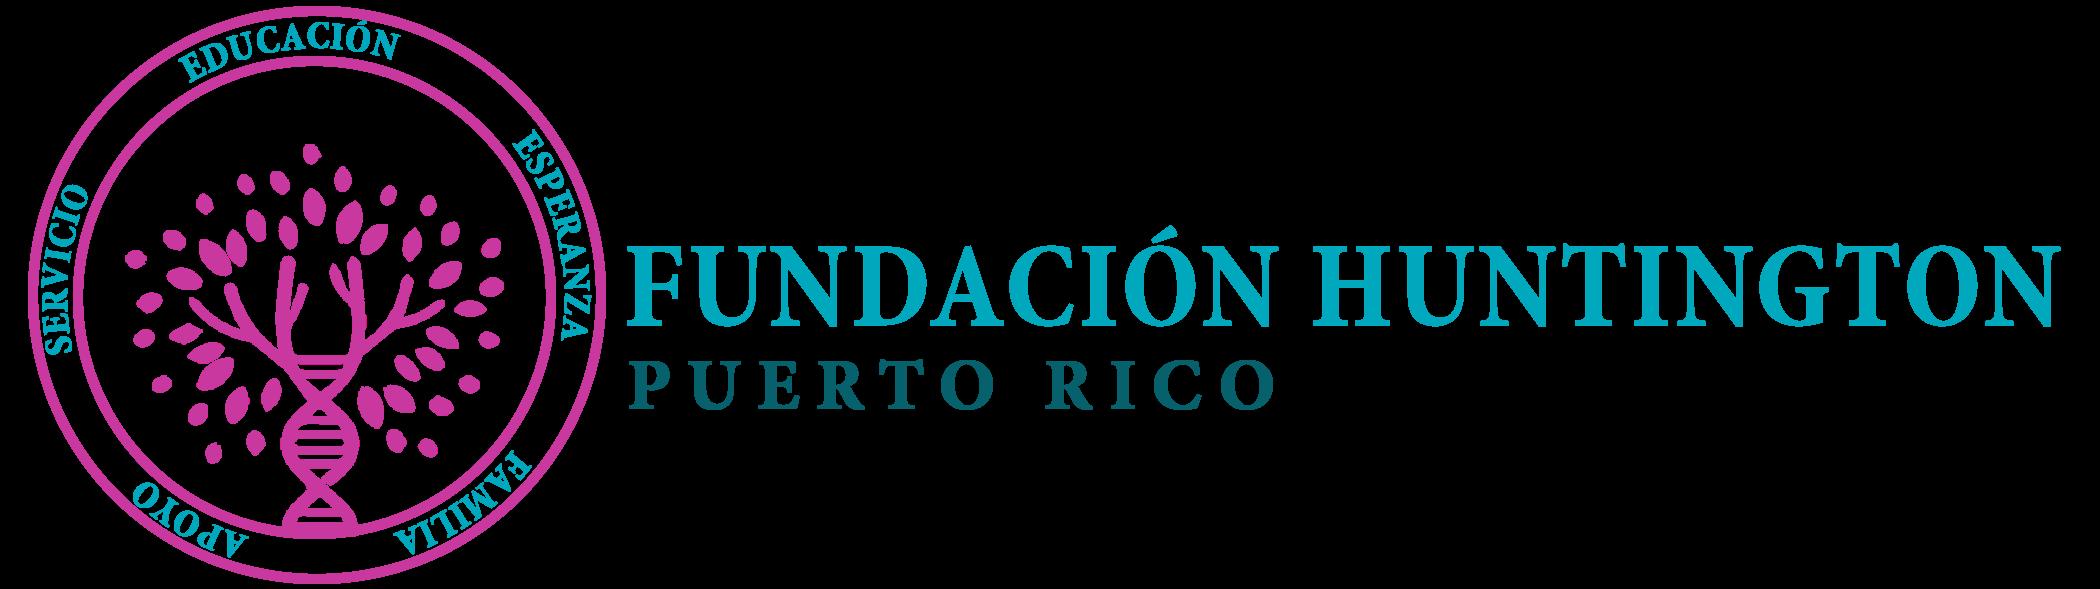 FUNDACIÓN HUNTINGTON PUERTO RICO